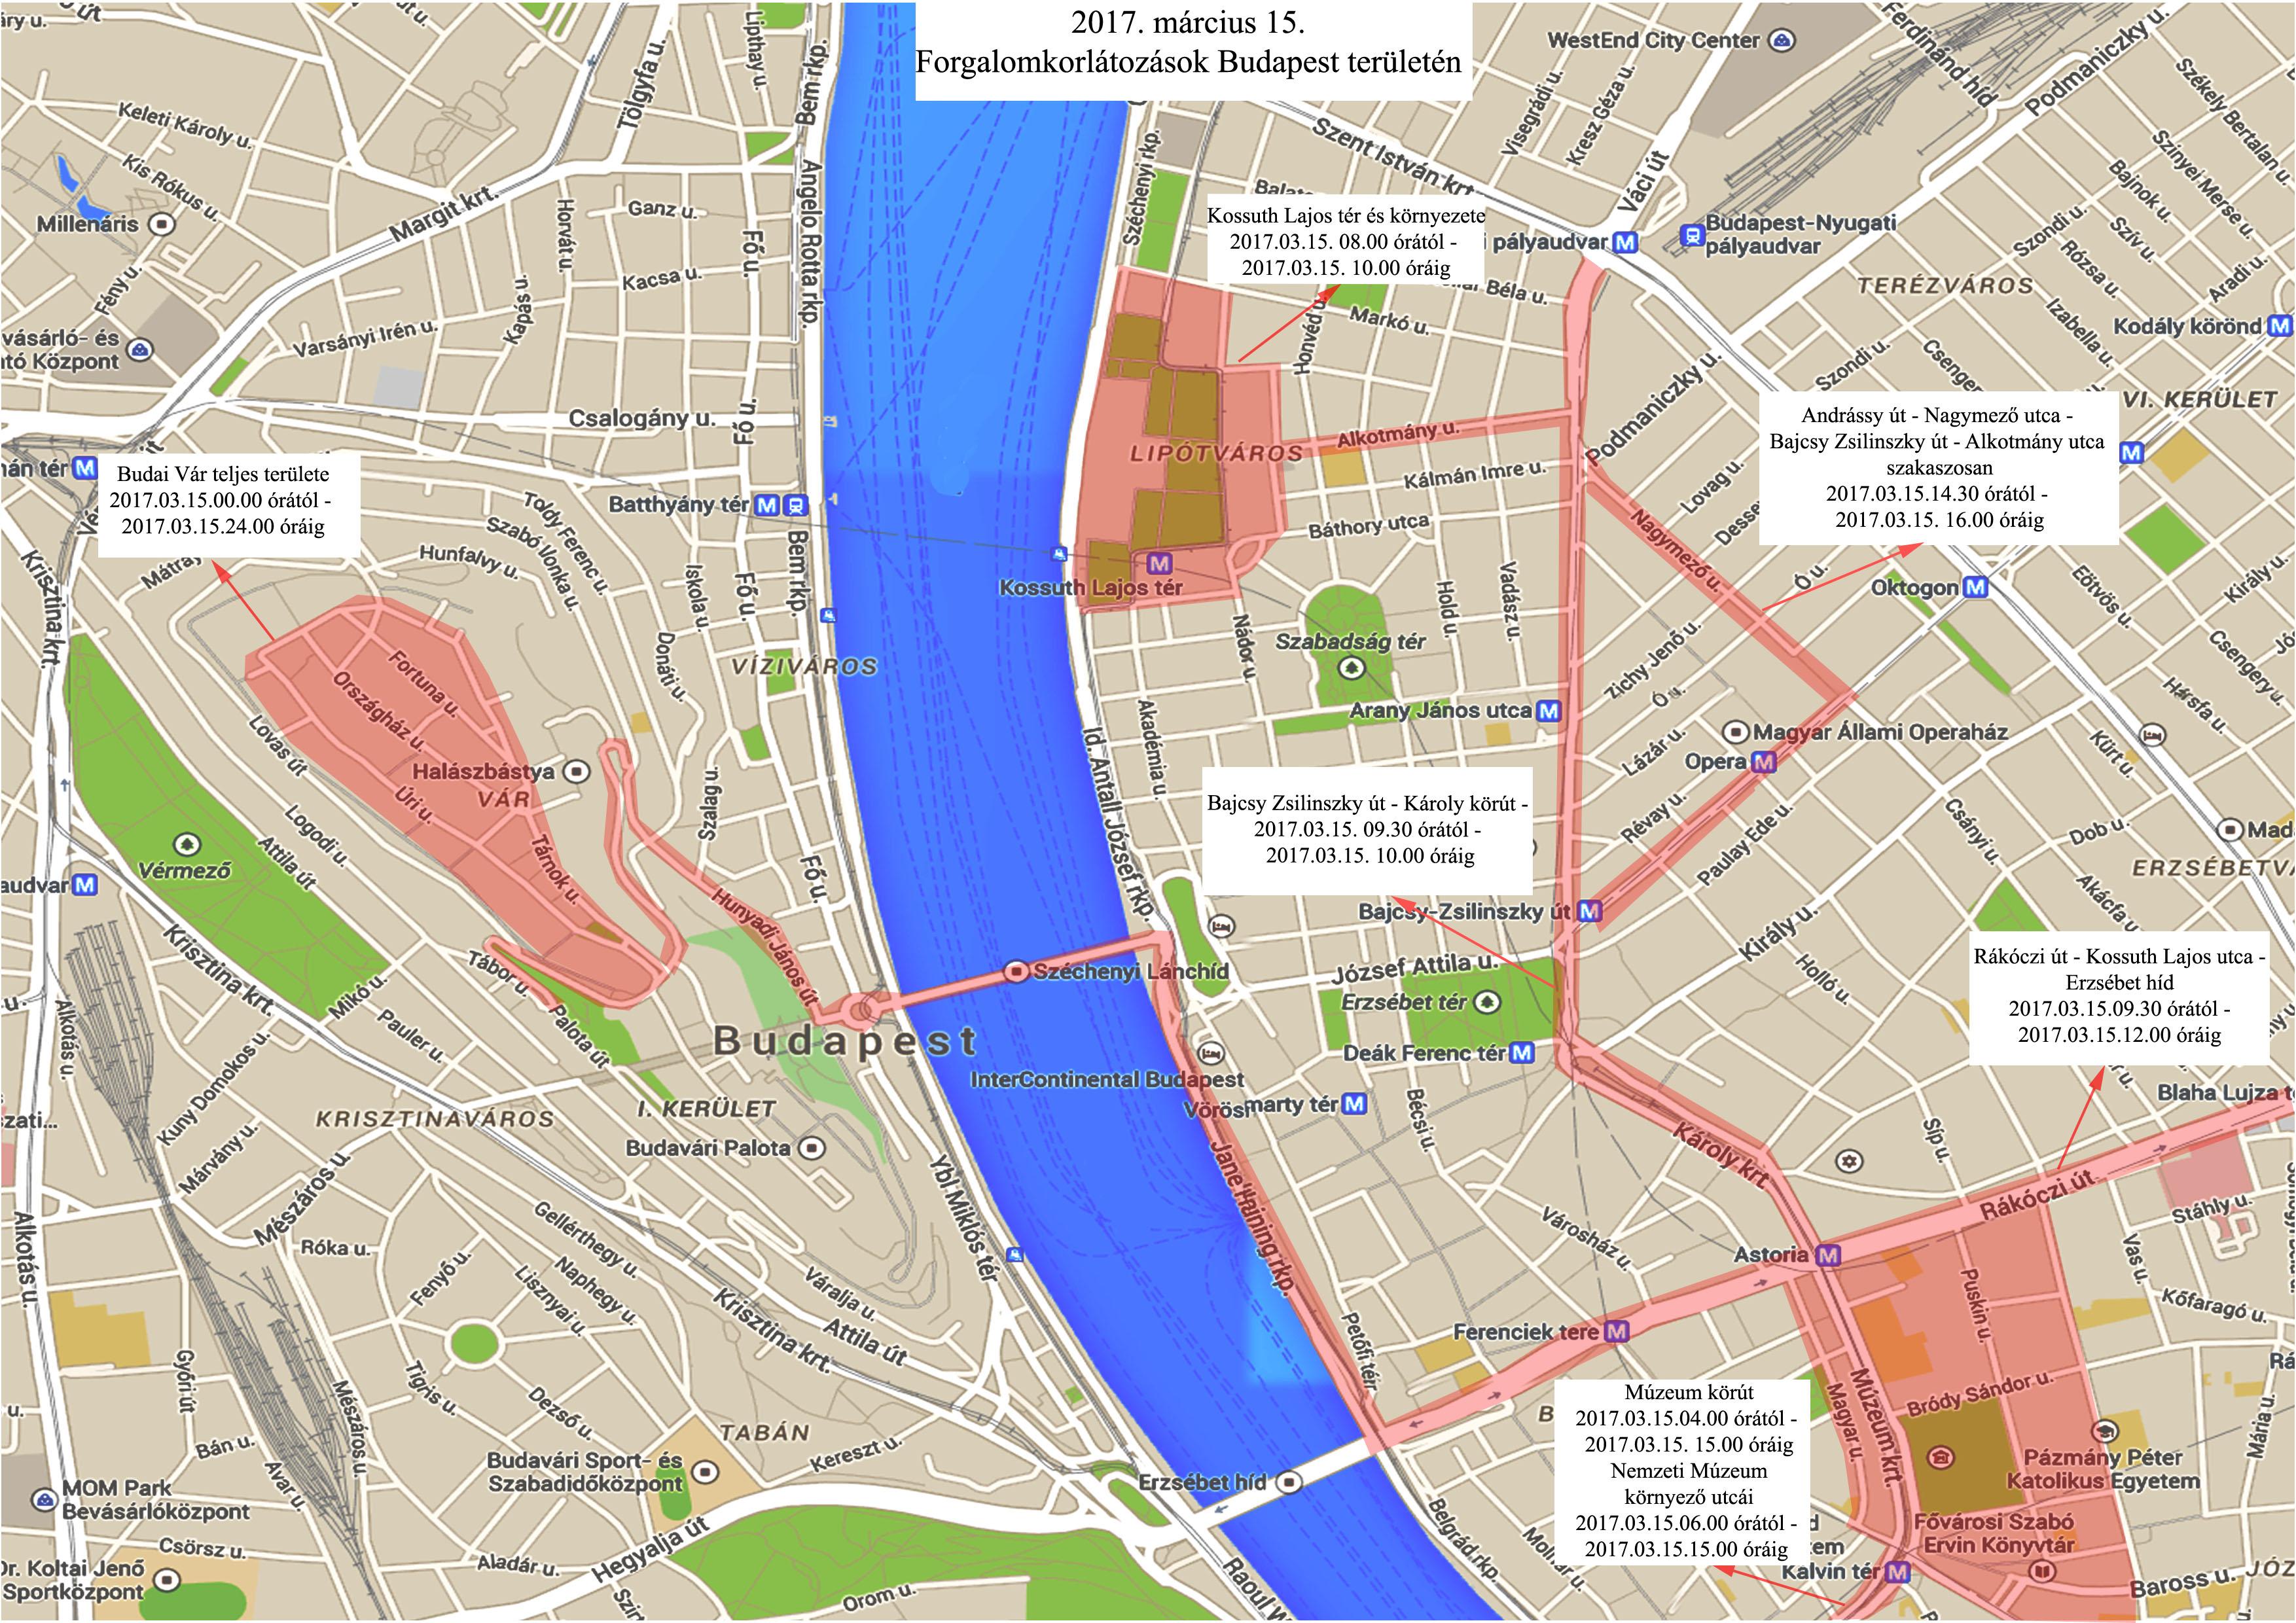 budapest térkép blaha lujza tér Március 15 ei lezárások: itt a térkép és a lista | 24.hu budapest térkép blaha lujza tér